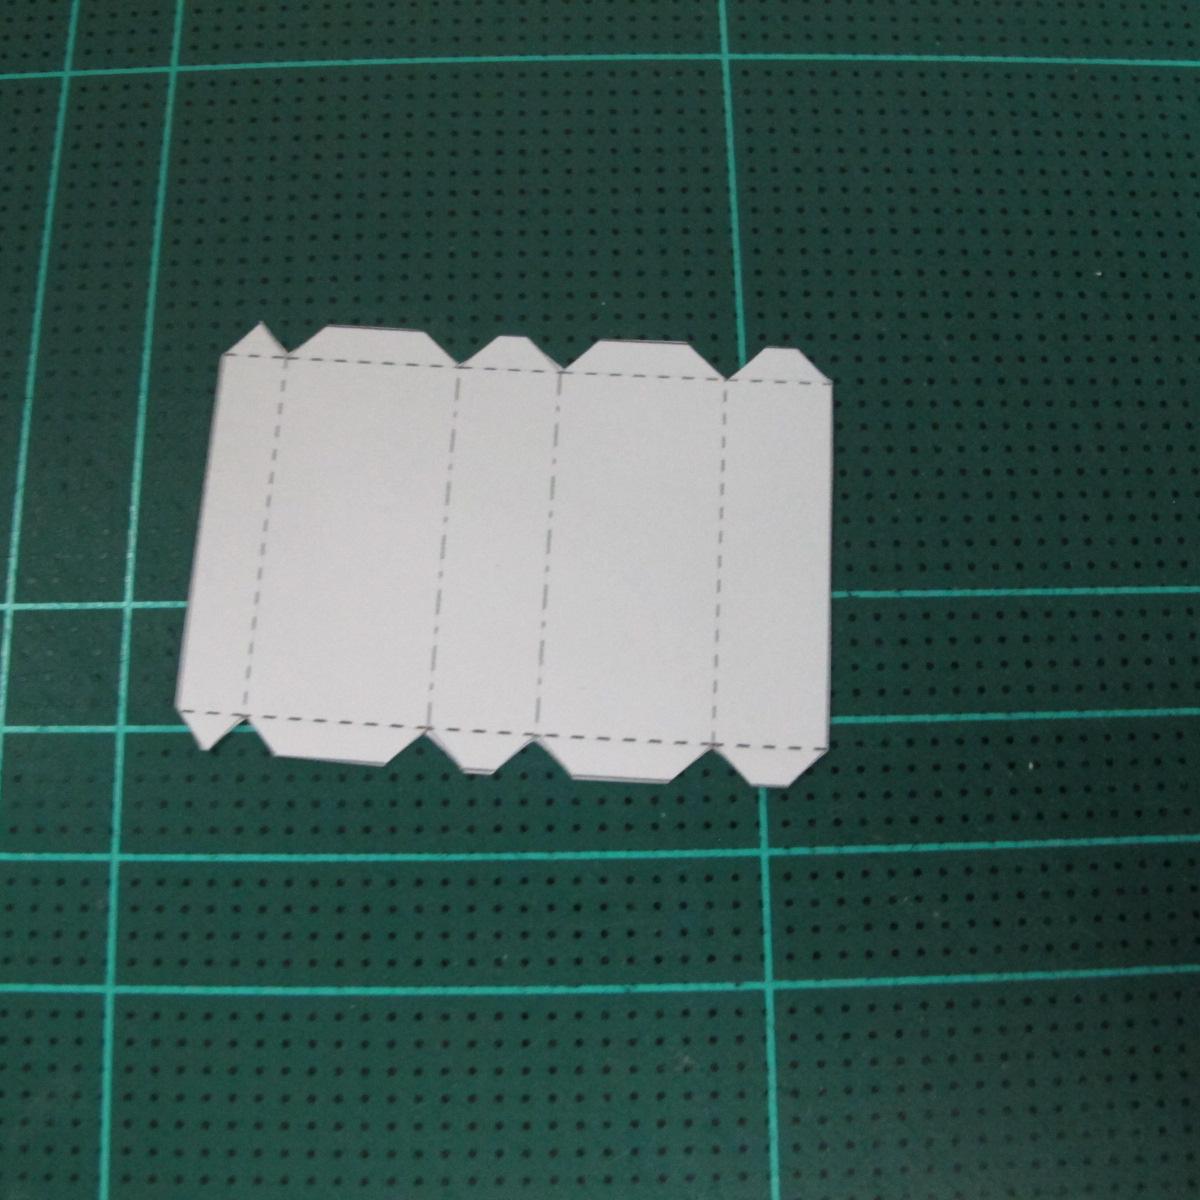 วิธีทำโมเดลกระดาษตุ้กตา คุกกี้ รัน คุกกี้รสซอมบี้ (LINE Cookie Run Zombie Cookie Papercraft Model) 017